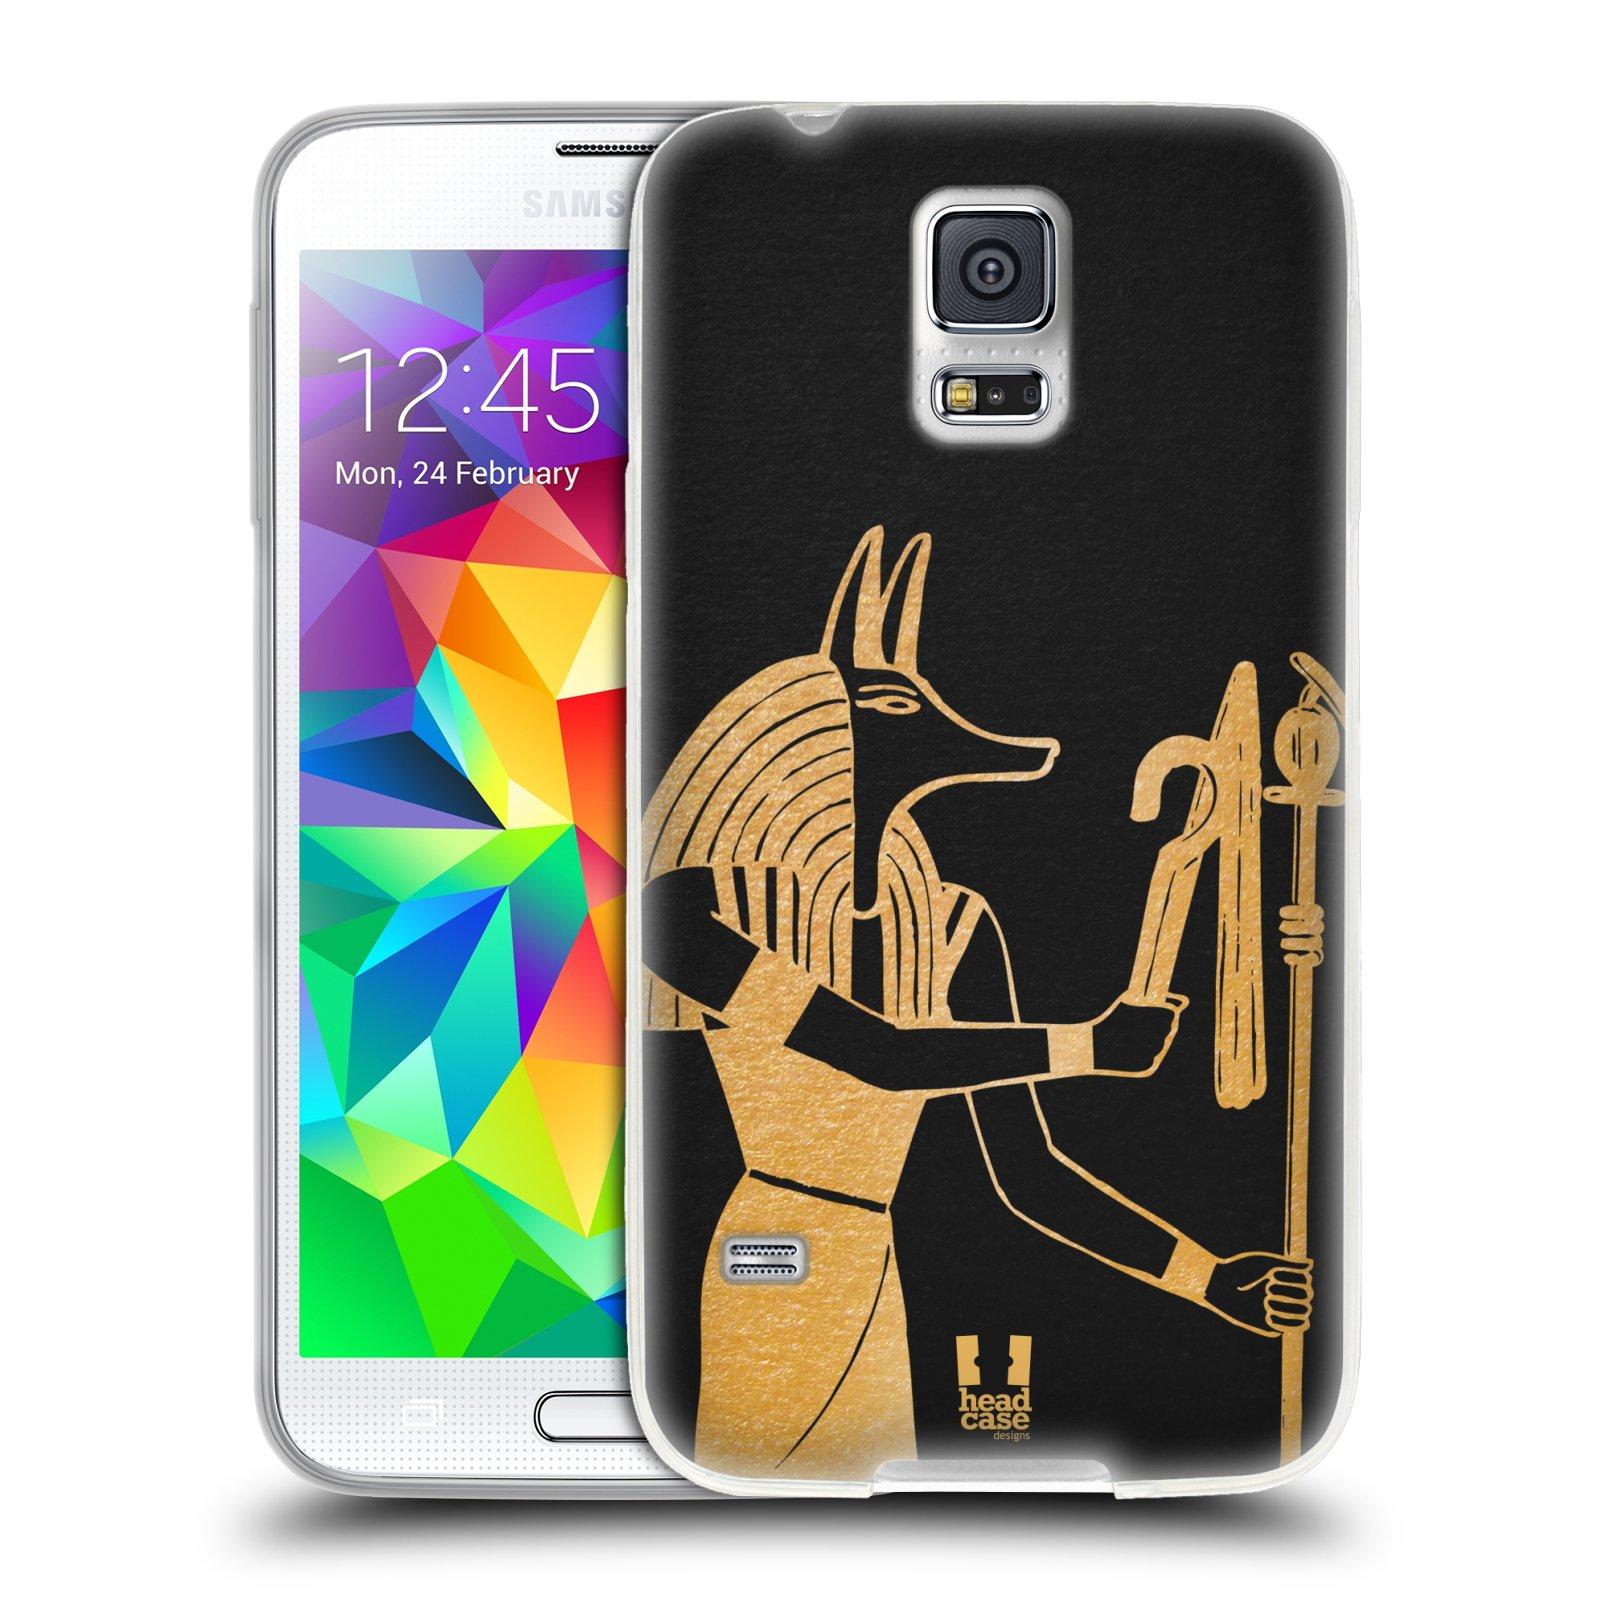 Silikonové pouzdro na mobil Samsung Galaxy S5 HEAD CASE EGYPT ANUBIS (Silikonový kryt či obal na mobilní telefon Samsung Galaxy S5 SM-G900F)